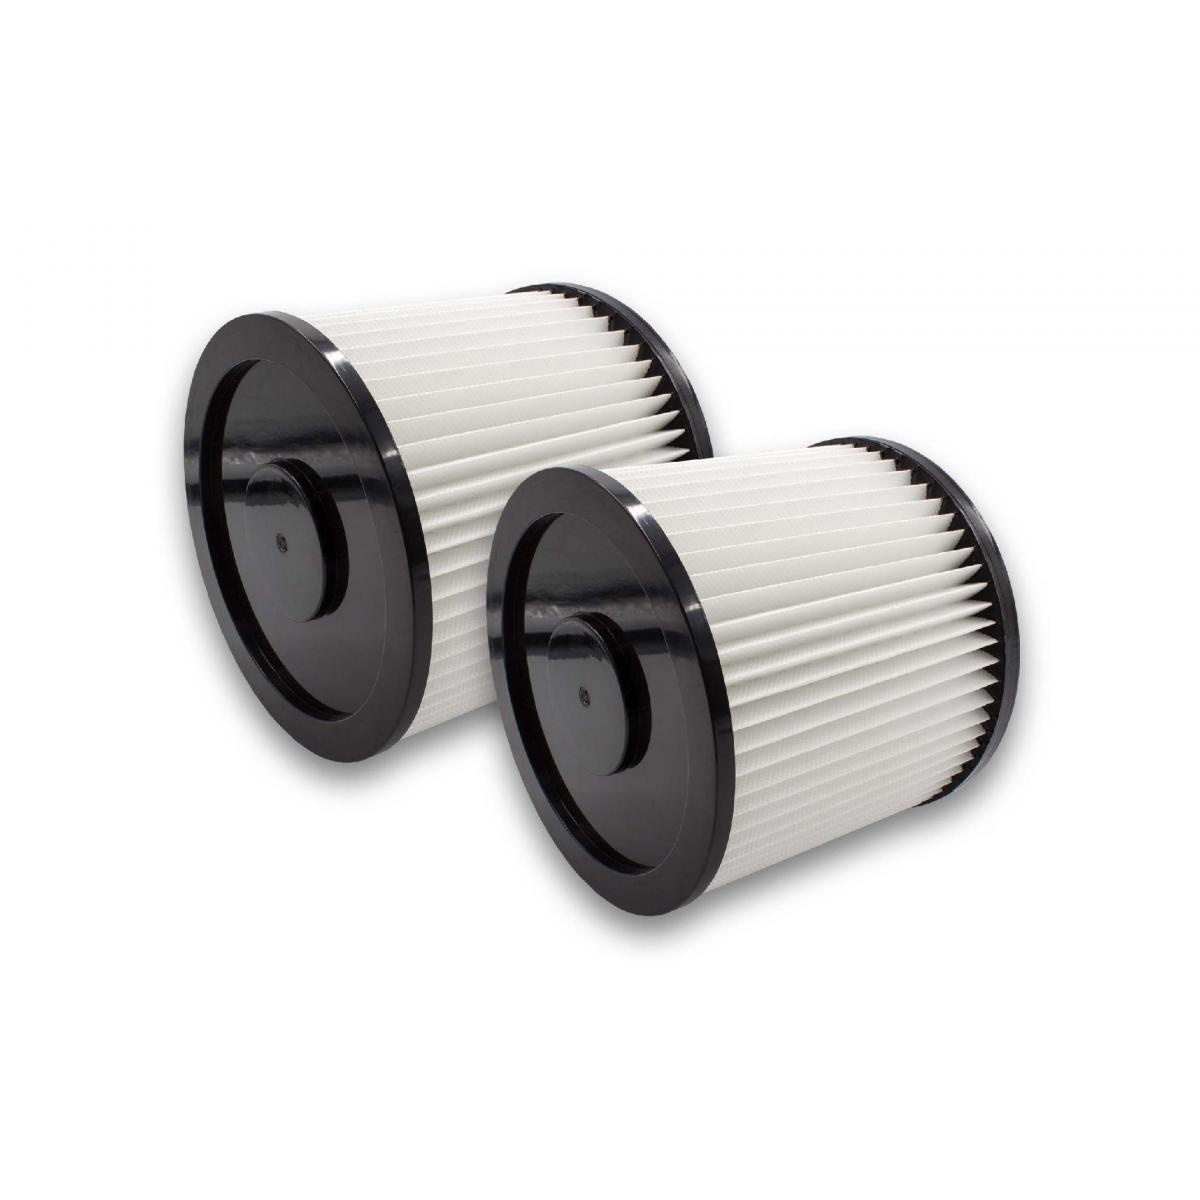 Vhbw vhbw 2x Filtres ronds pour aspirateur multifonctions compatible avec Shop-Vac Super 615 S2, Super 760, Ultra 40 Blower